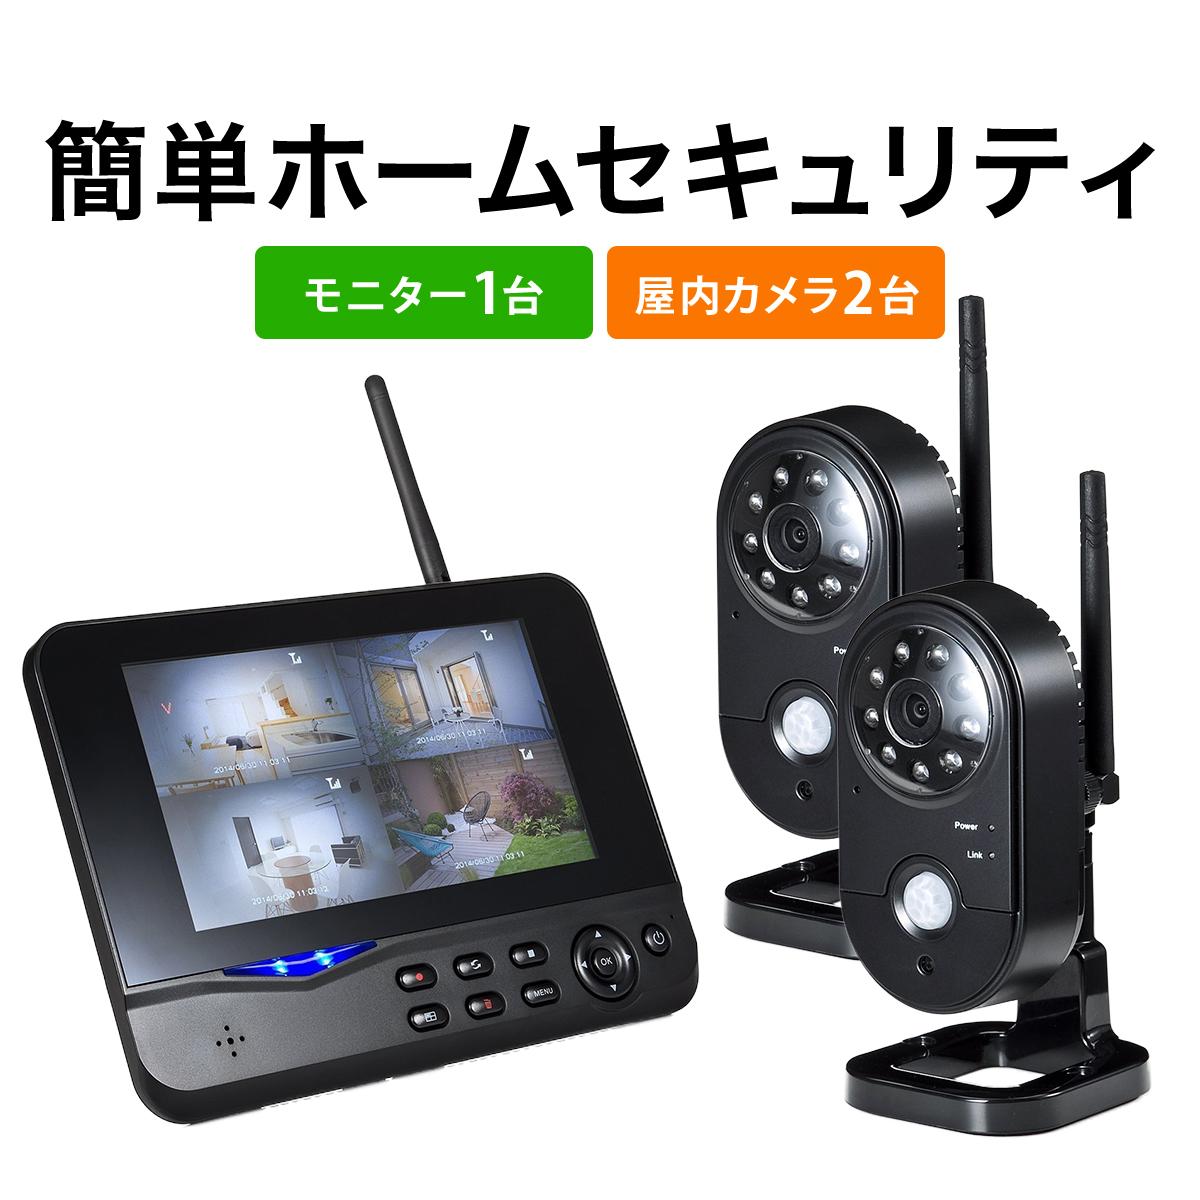 ワイヤレス 防犯カメラ カメラ2台 モニター1台 セット 2台 SDカード USBメモリー 録画 夜間 暗闇 暗視 動体検知 人体感知 監視カメラ